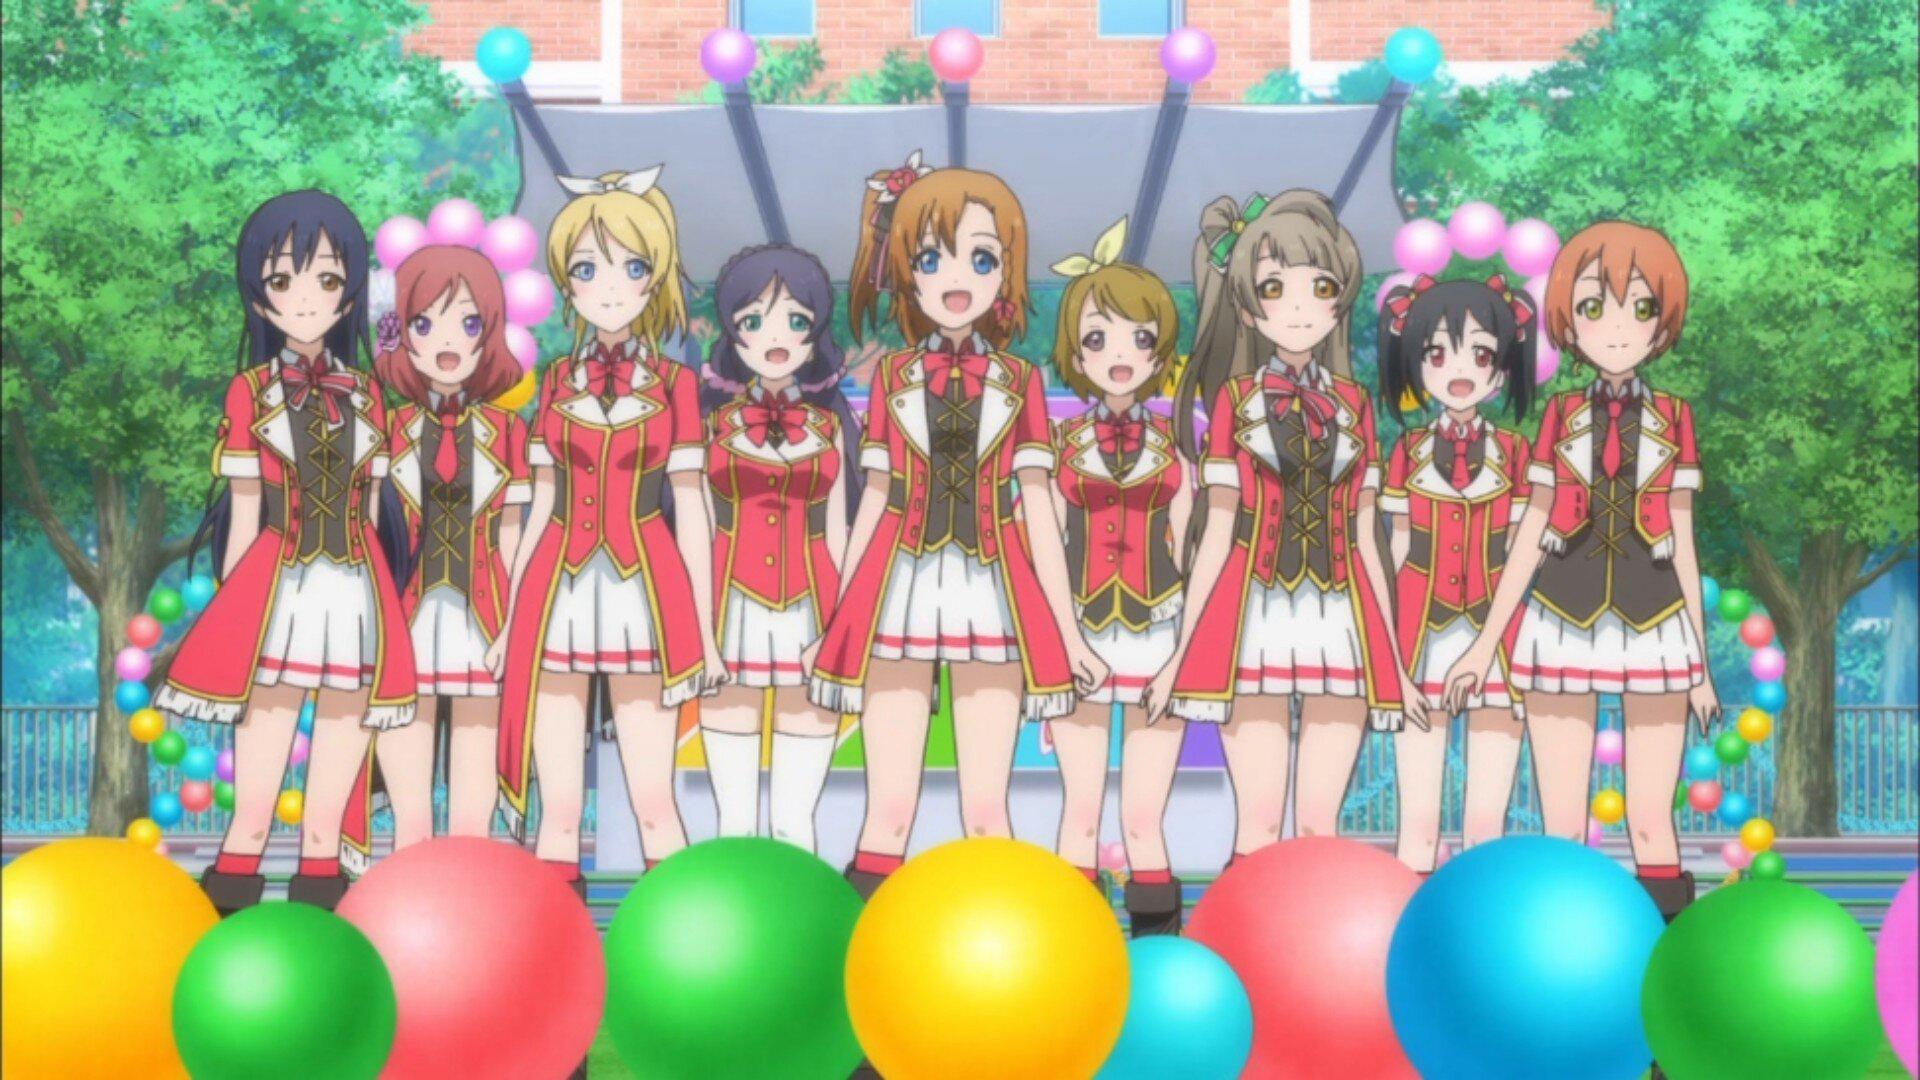 僕らのライブ君とのライフ #lovelive_Anime #lovelive http://t.co/5nAEY5NCCP